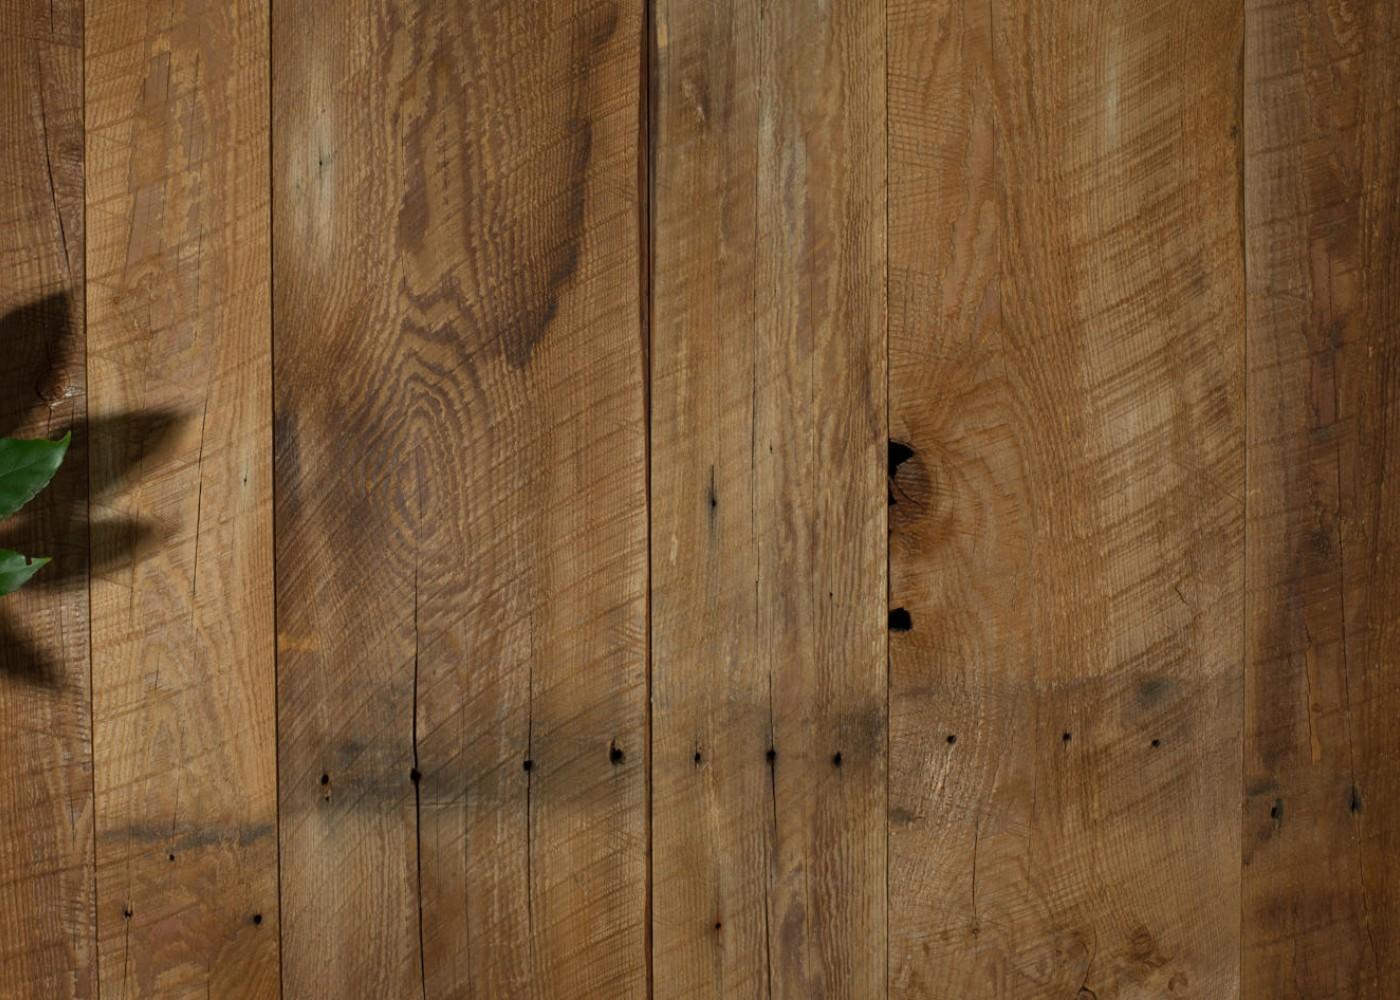 panneau 3 plis en vieux bois marron brosse brut